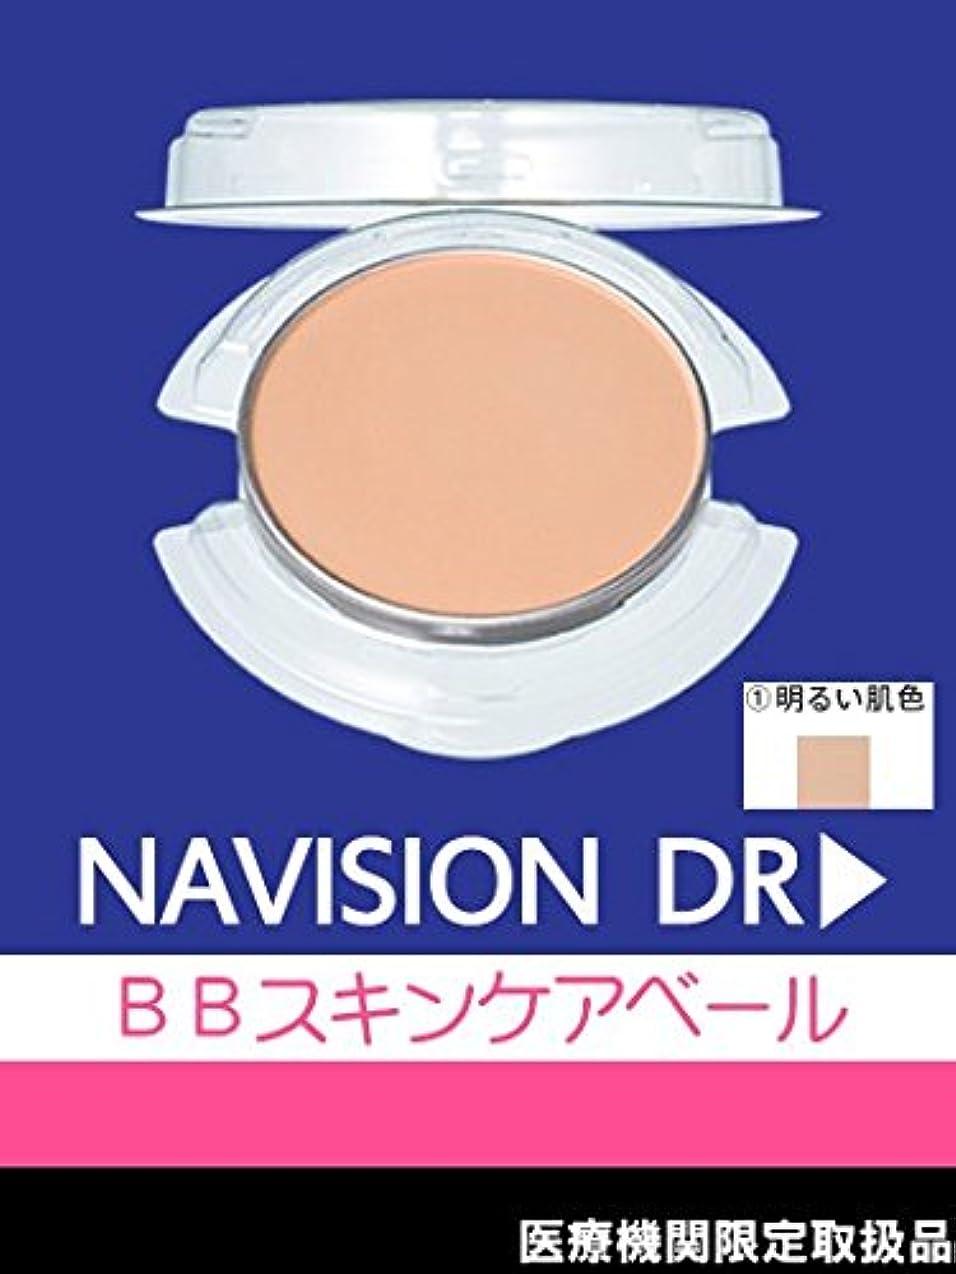 寛容な士気栄養NAVISION DR? ナビジョンDR BBスキンケアベール ①明るい肌色(レフィルのみ)9.5g【医療機関限定取扱品】